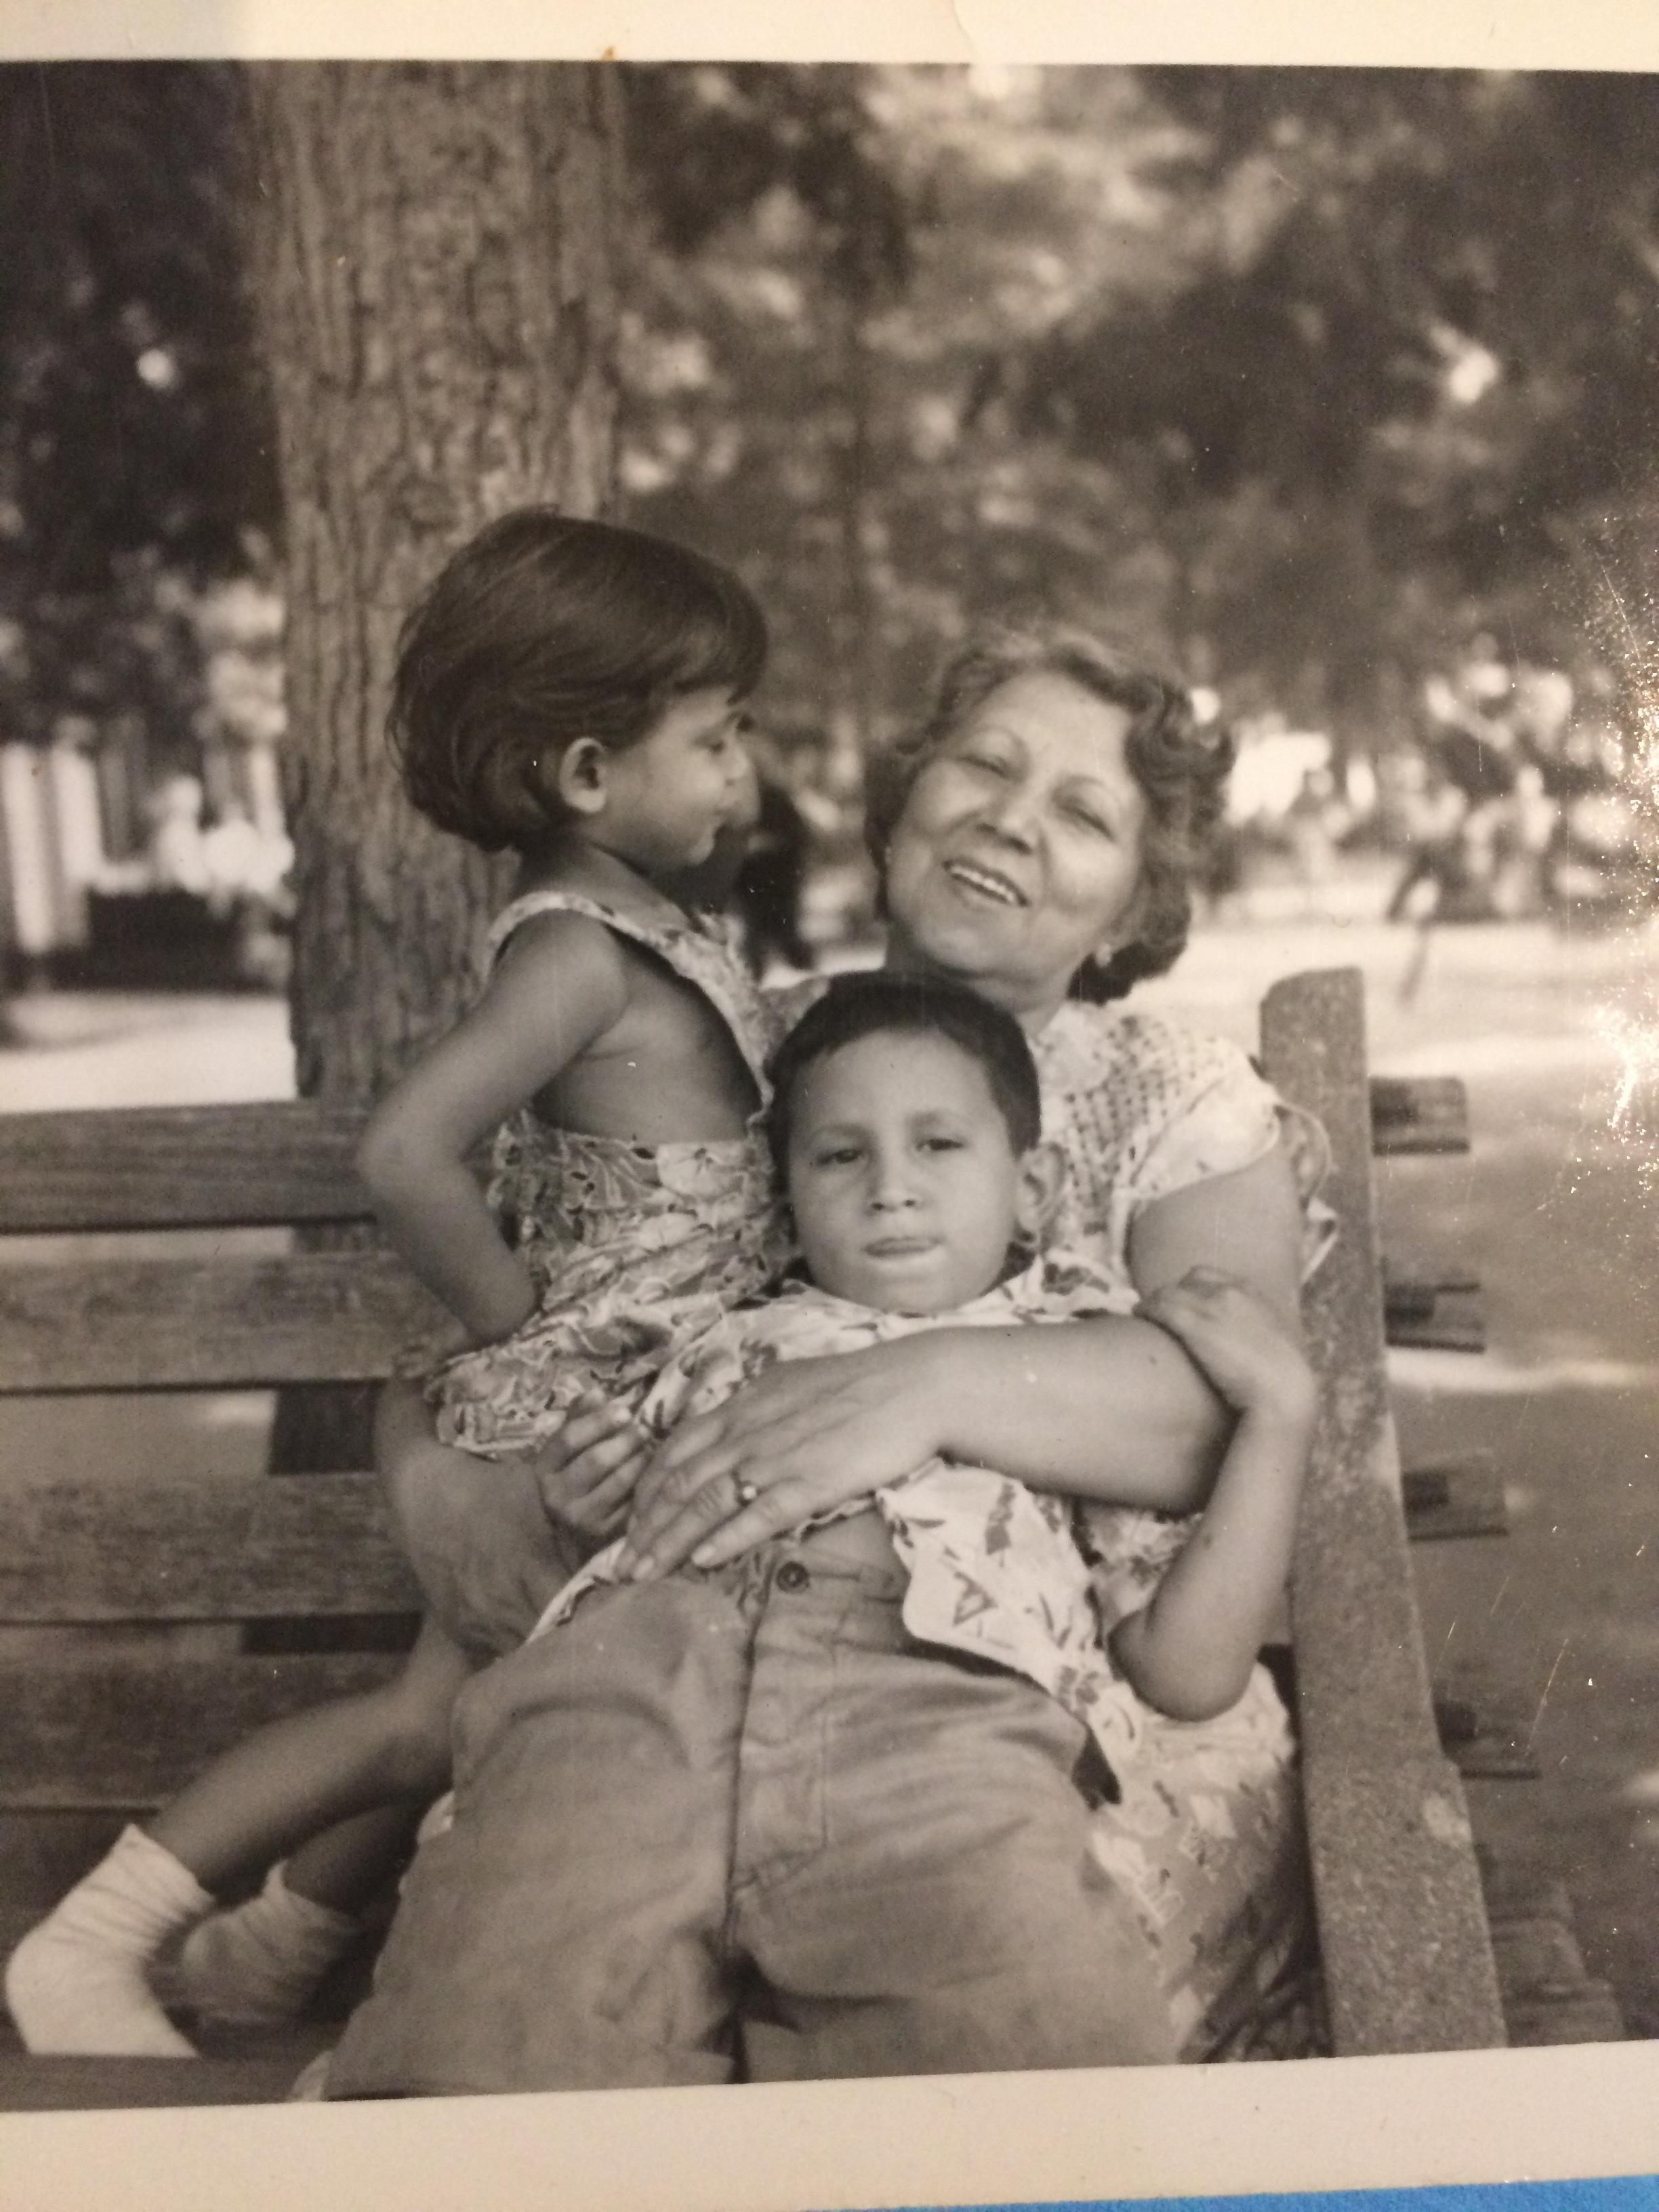 At the park, circa 1949-1950